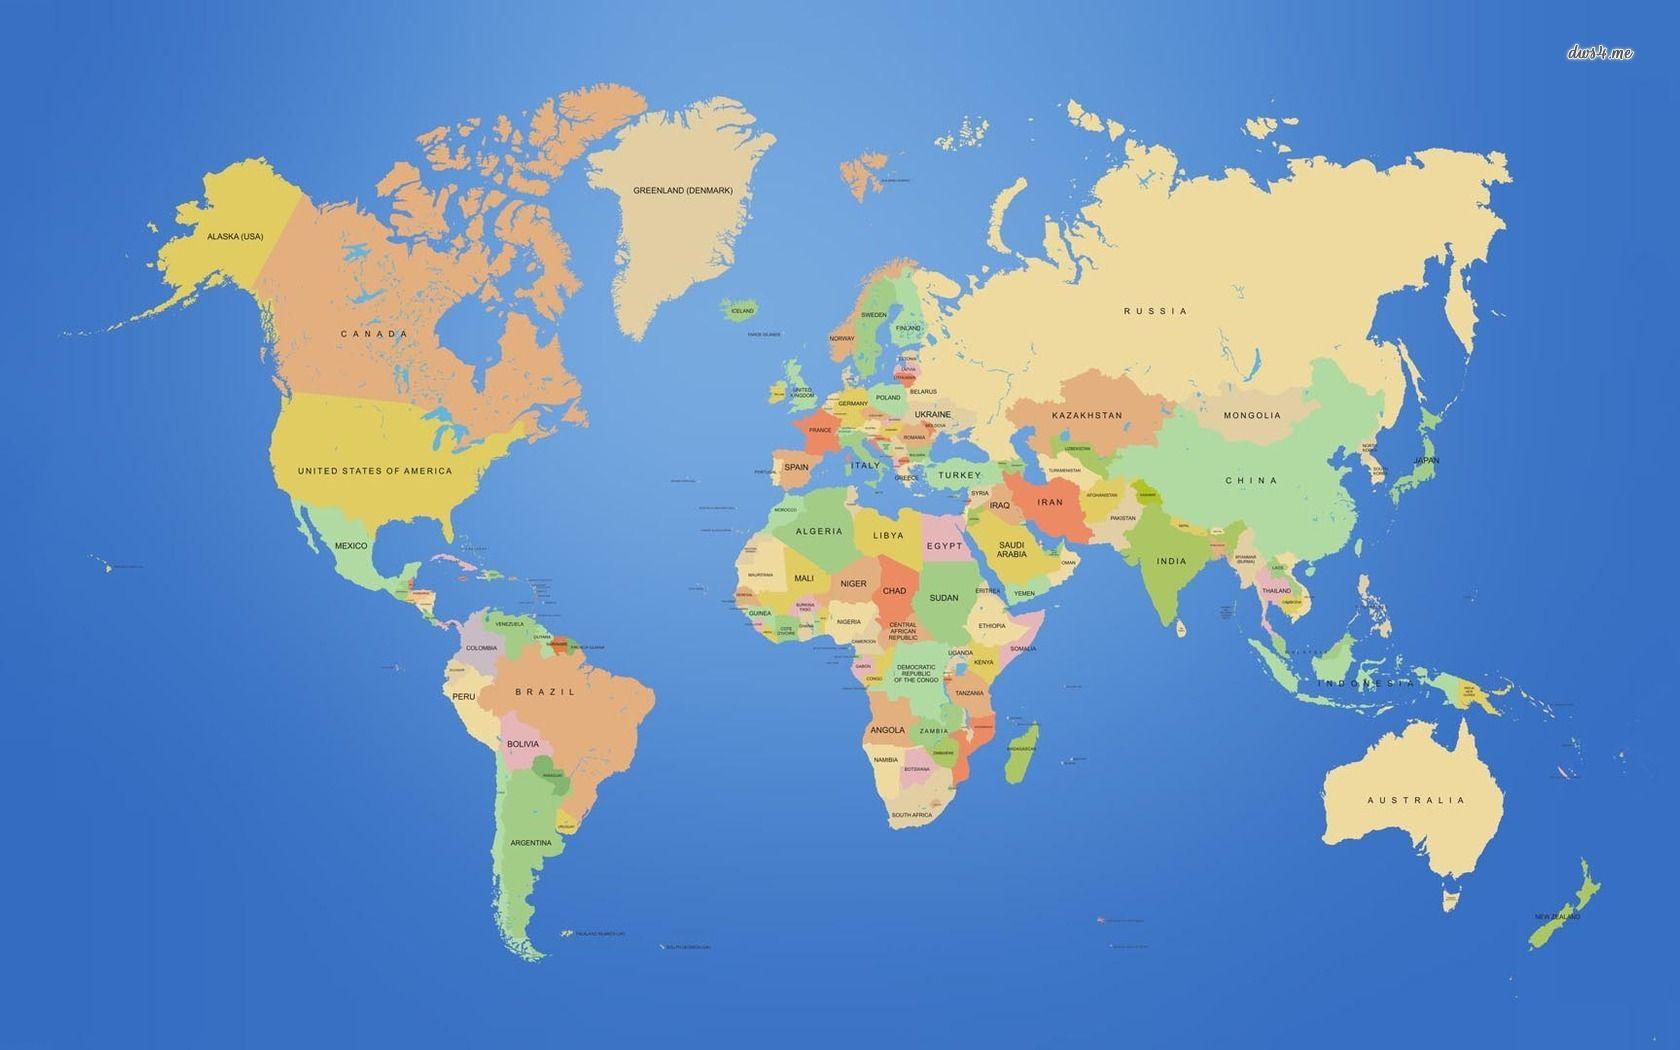 20044-world-map-1680x1050-digital-art-wallpaper.jpg